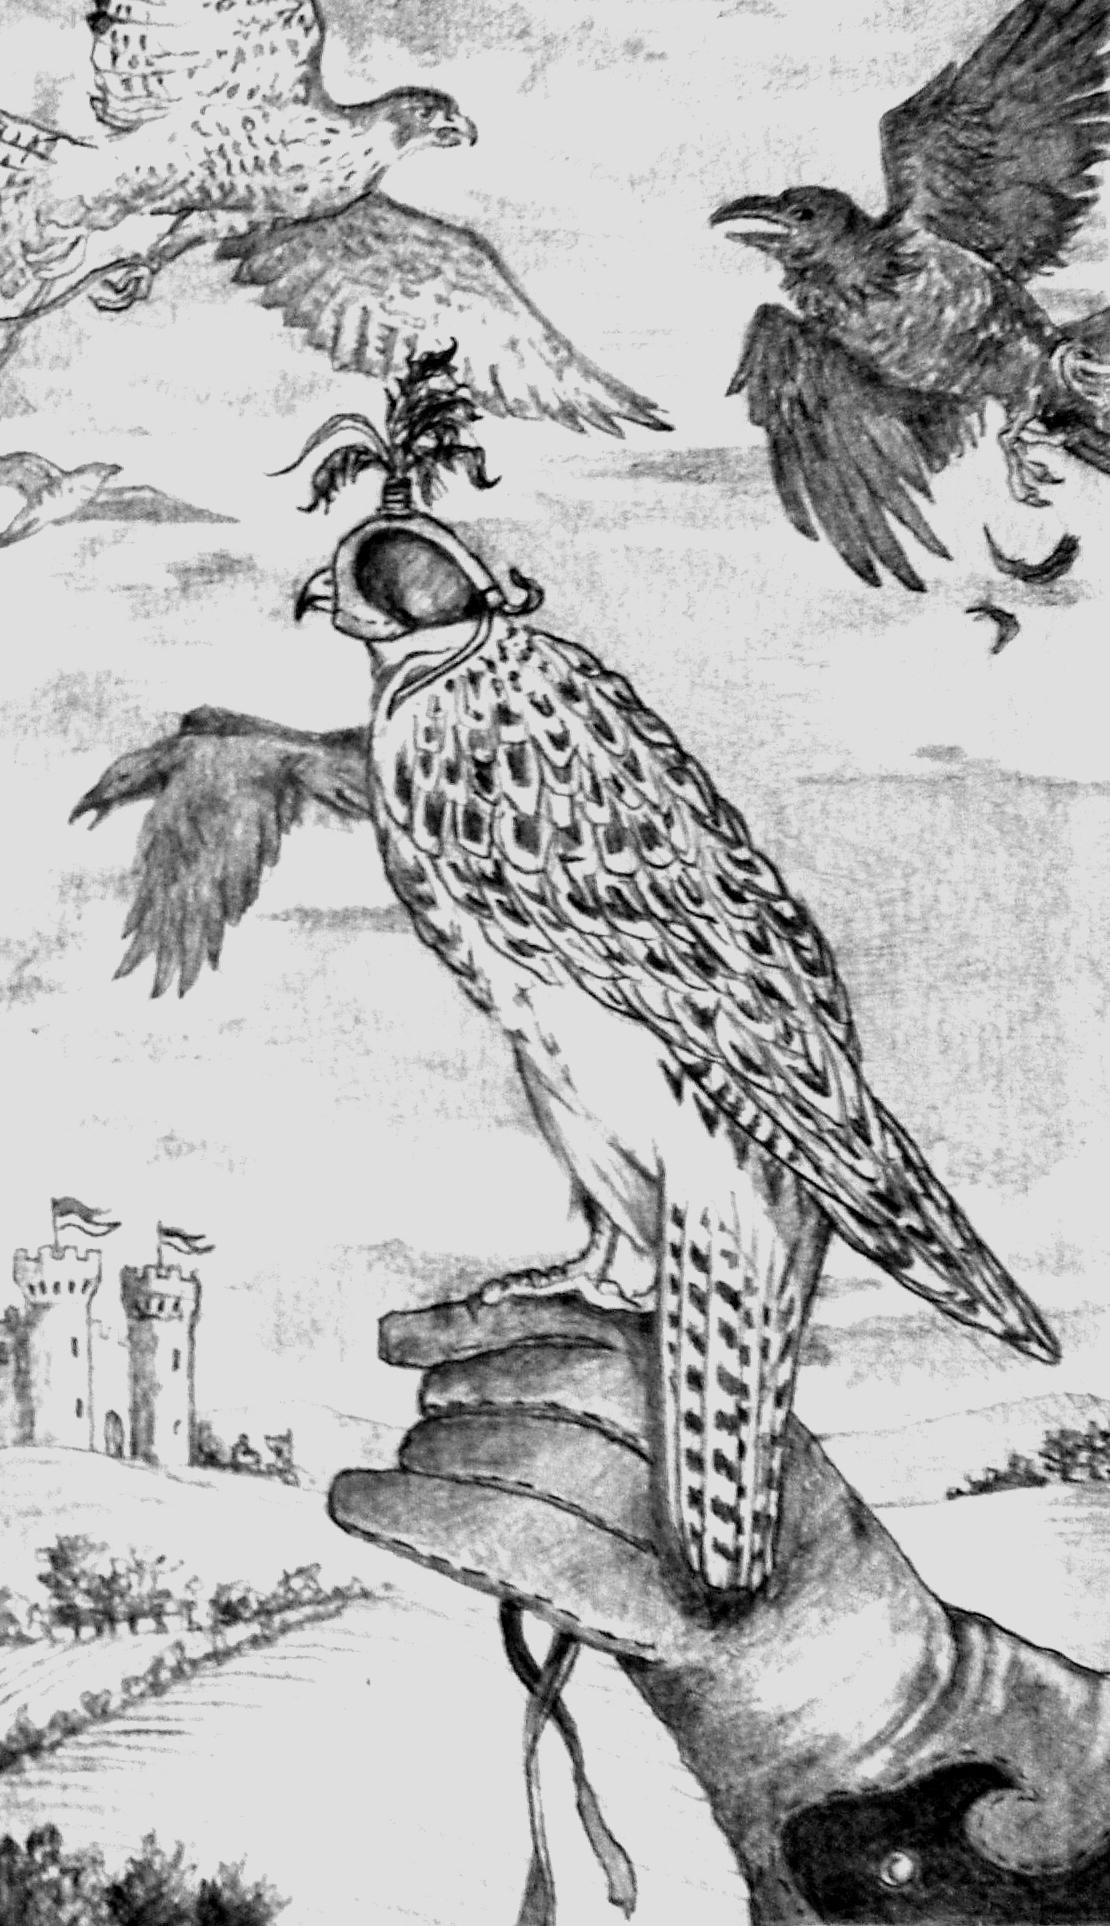 Buchillustration für Verlagsguppe Luebbe